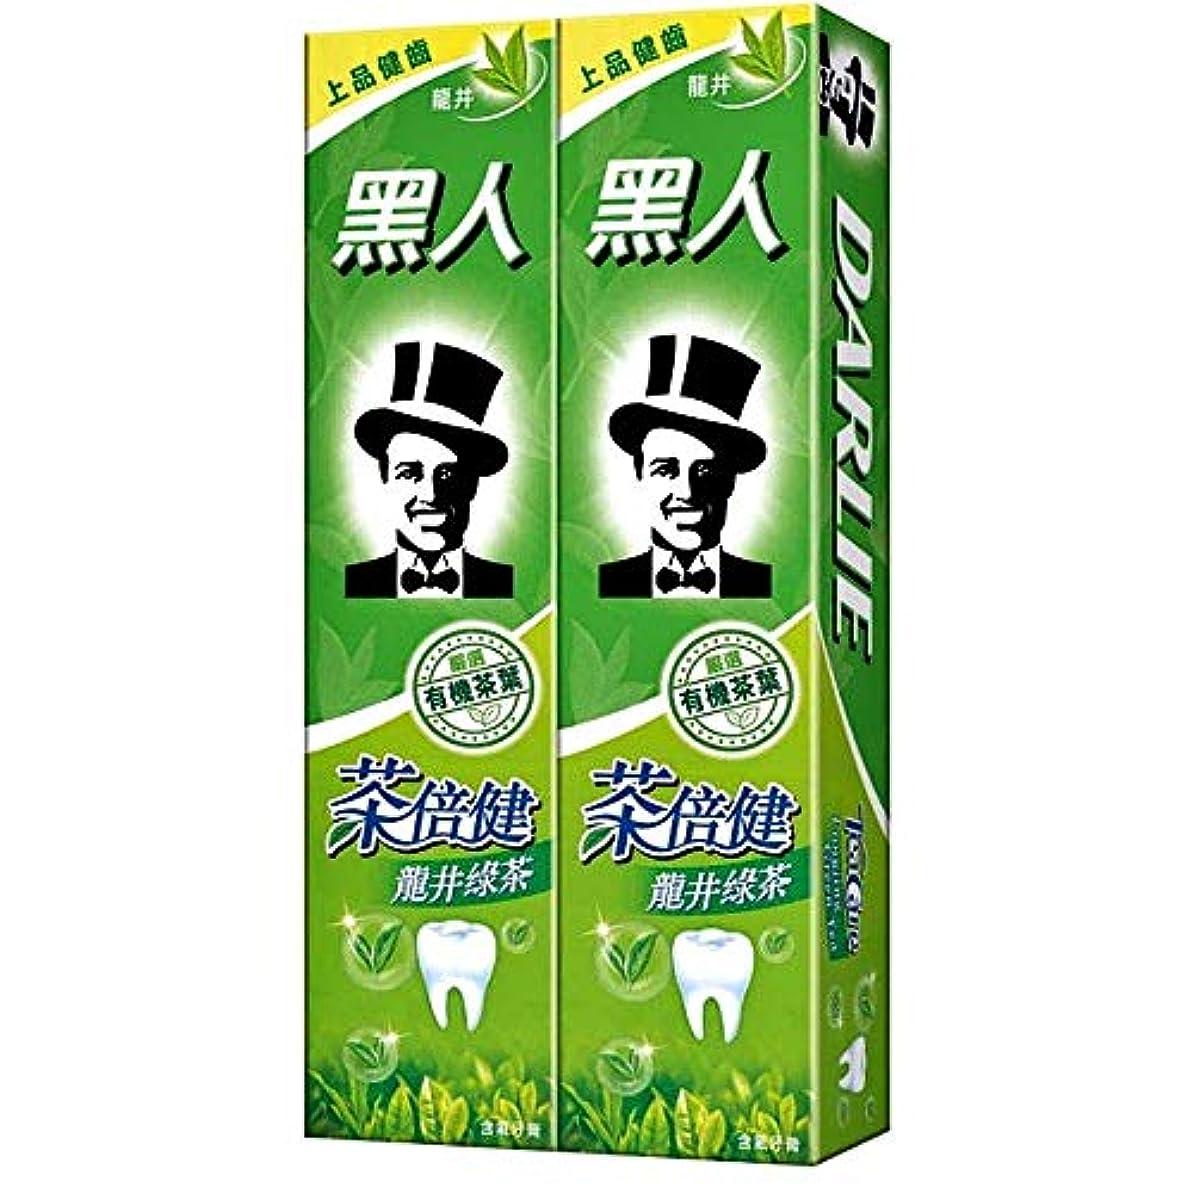 がんばり続けるビリーオーナー黑人 茶倍健 龍井緑茶 緑茶成分歯磨き粉配合160g×2 [並行輸入品]